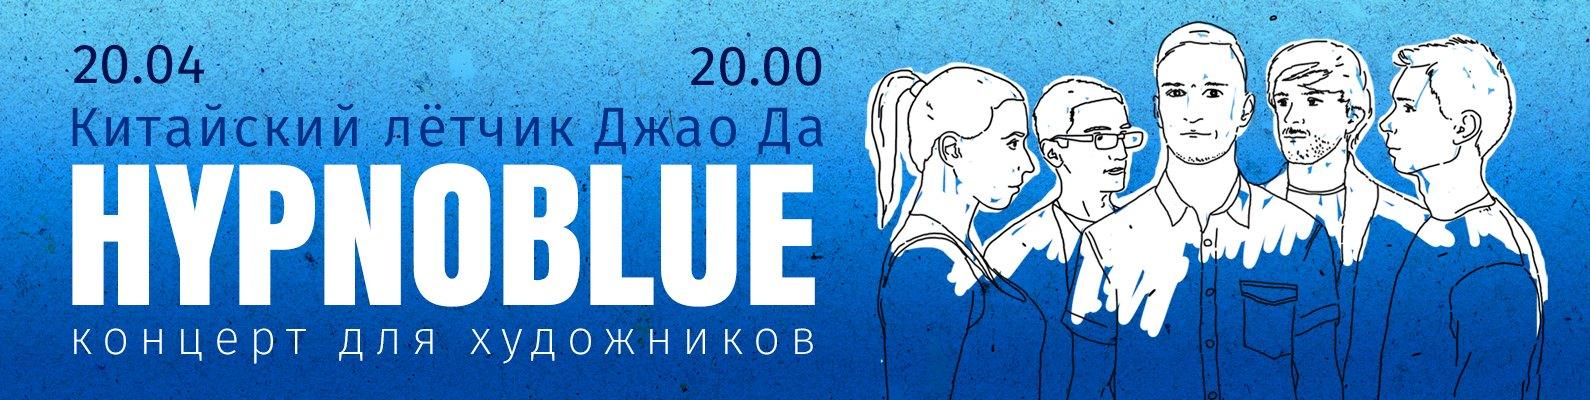 Обложка группы ВК для мероприятия